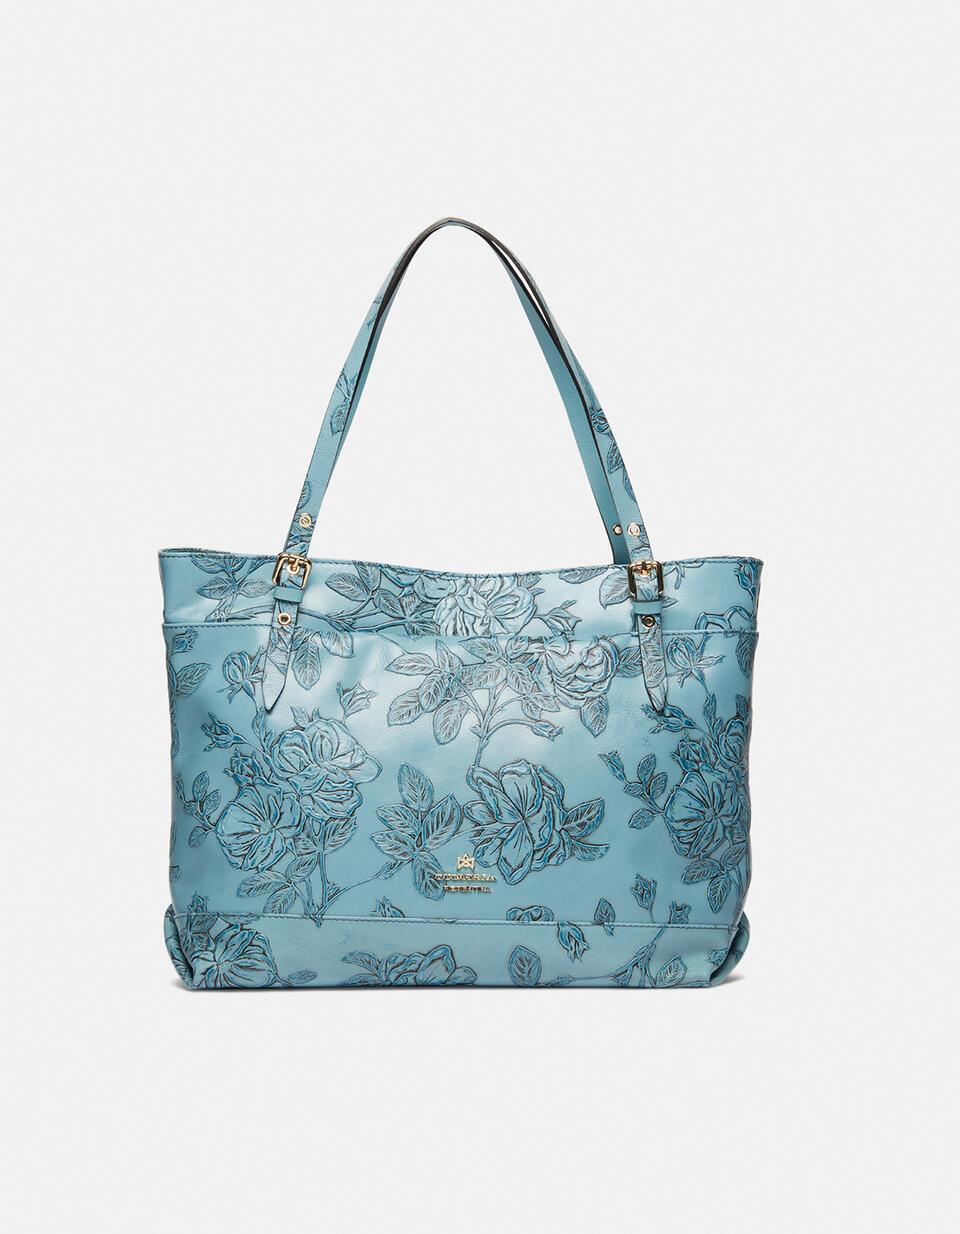 Big Mimì shopping bag keystone design Mimì CELESTE Cuoieria Fiorentina